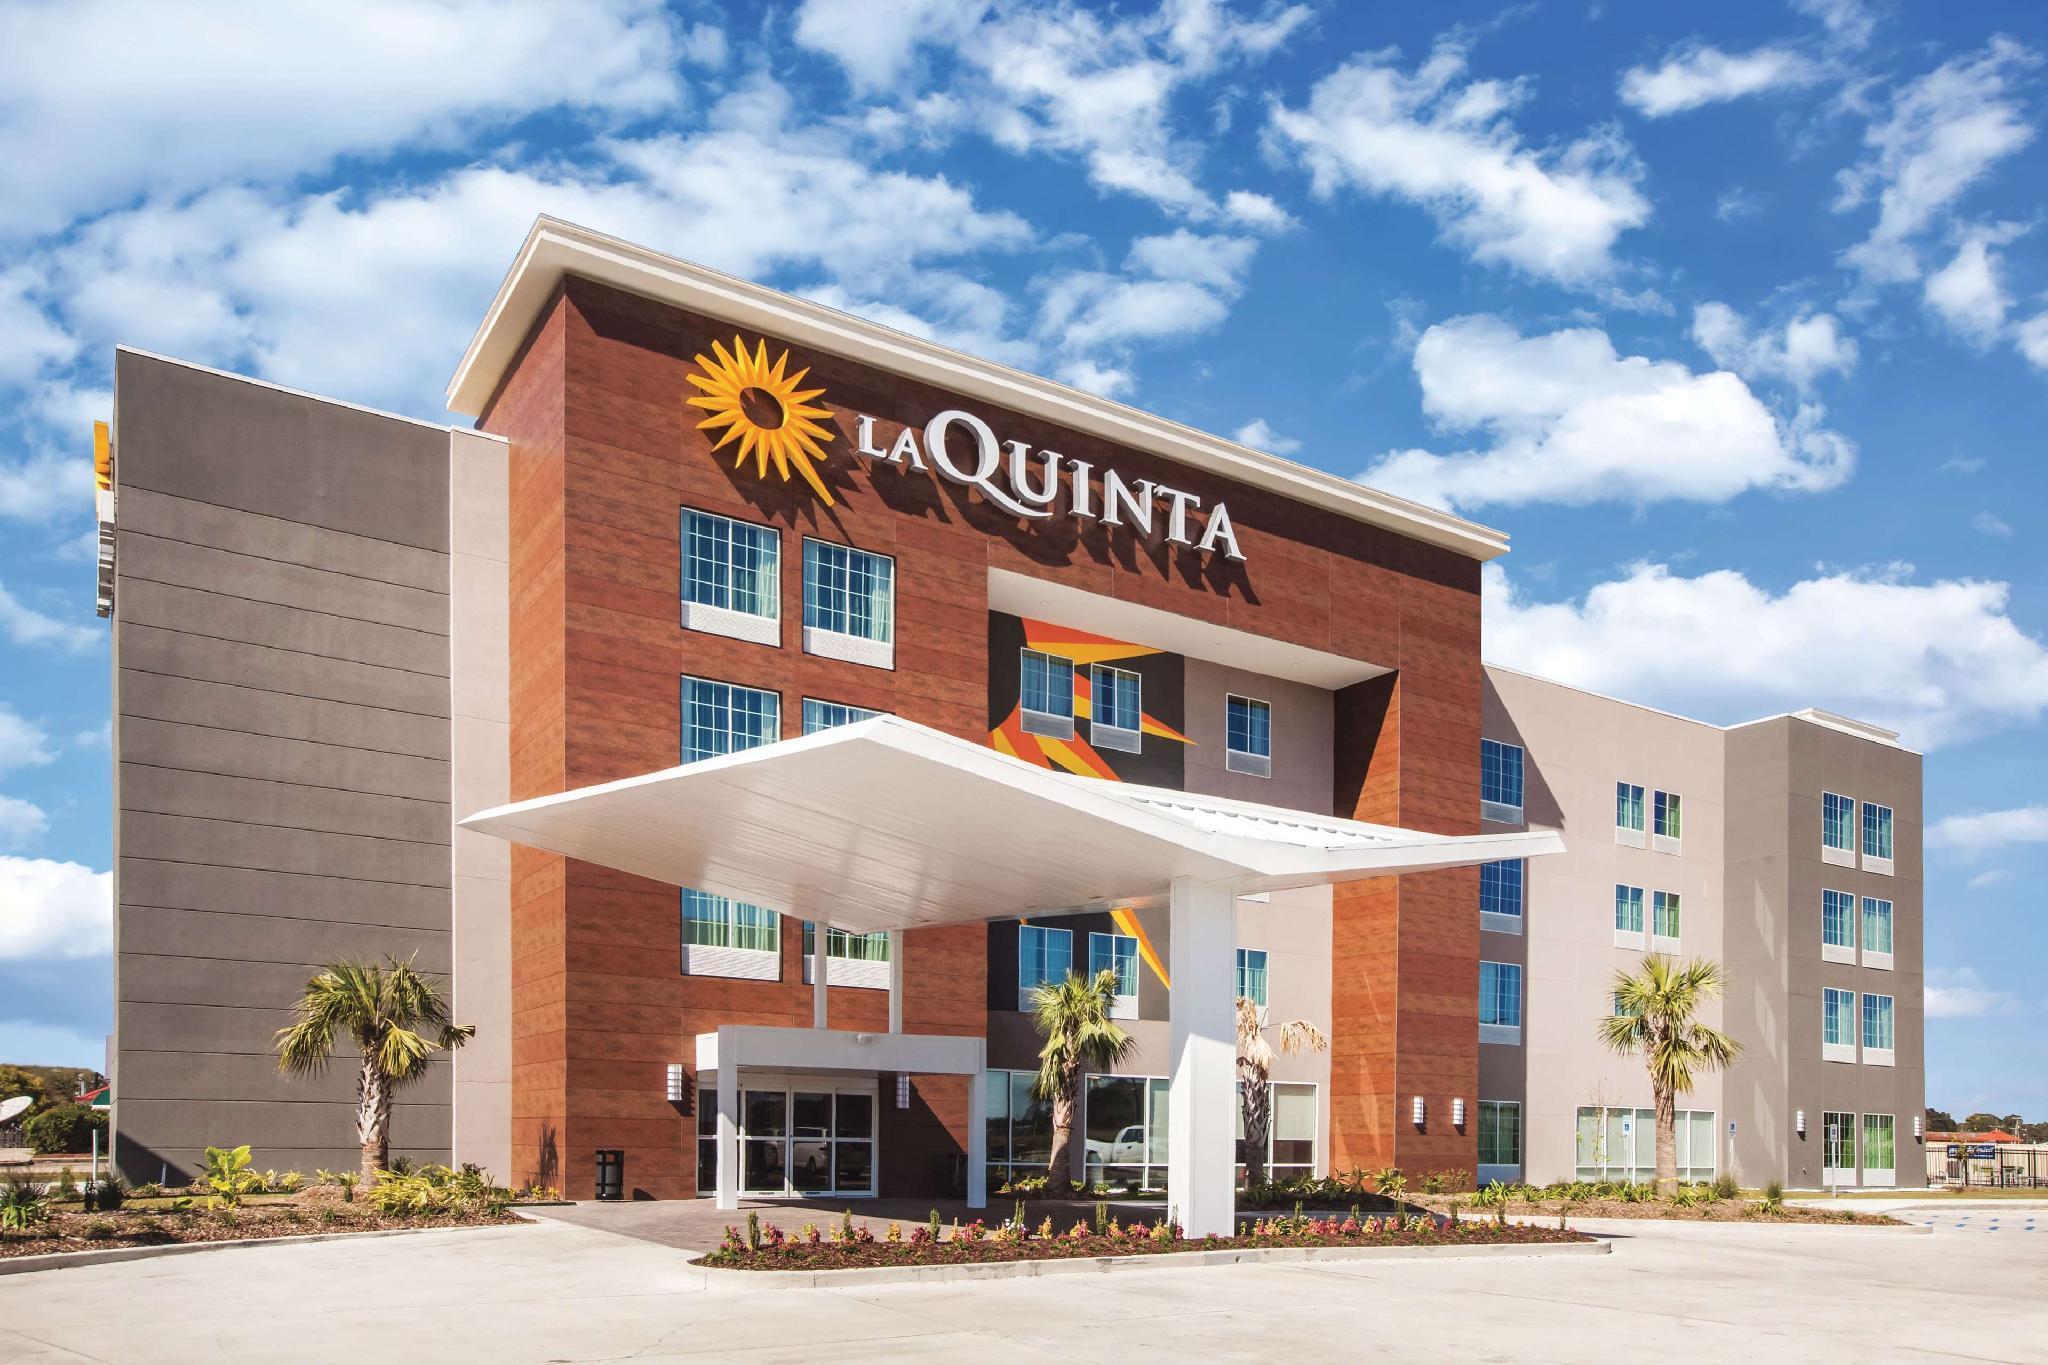 La Quinta Inn And Suites By Wyndham Baton Rouge   Port Allen